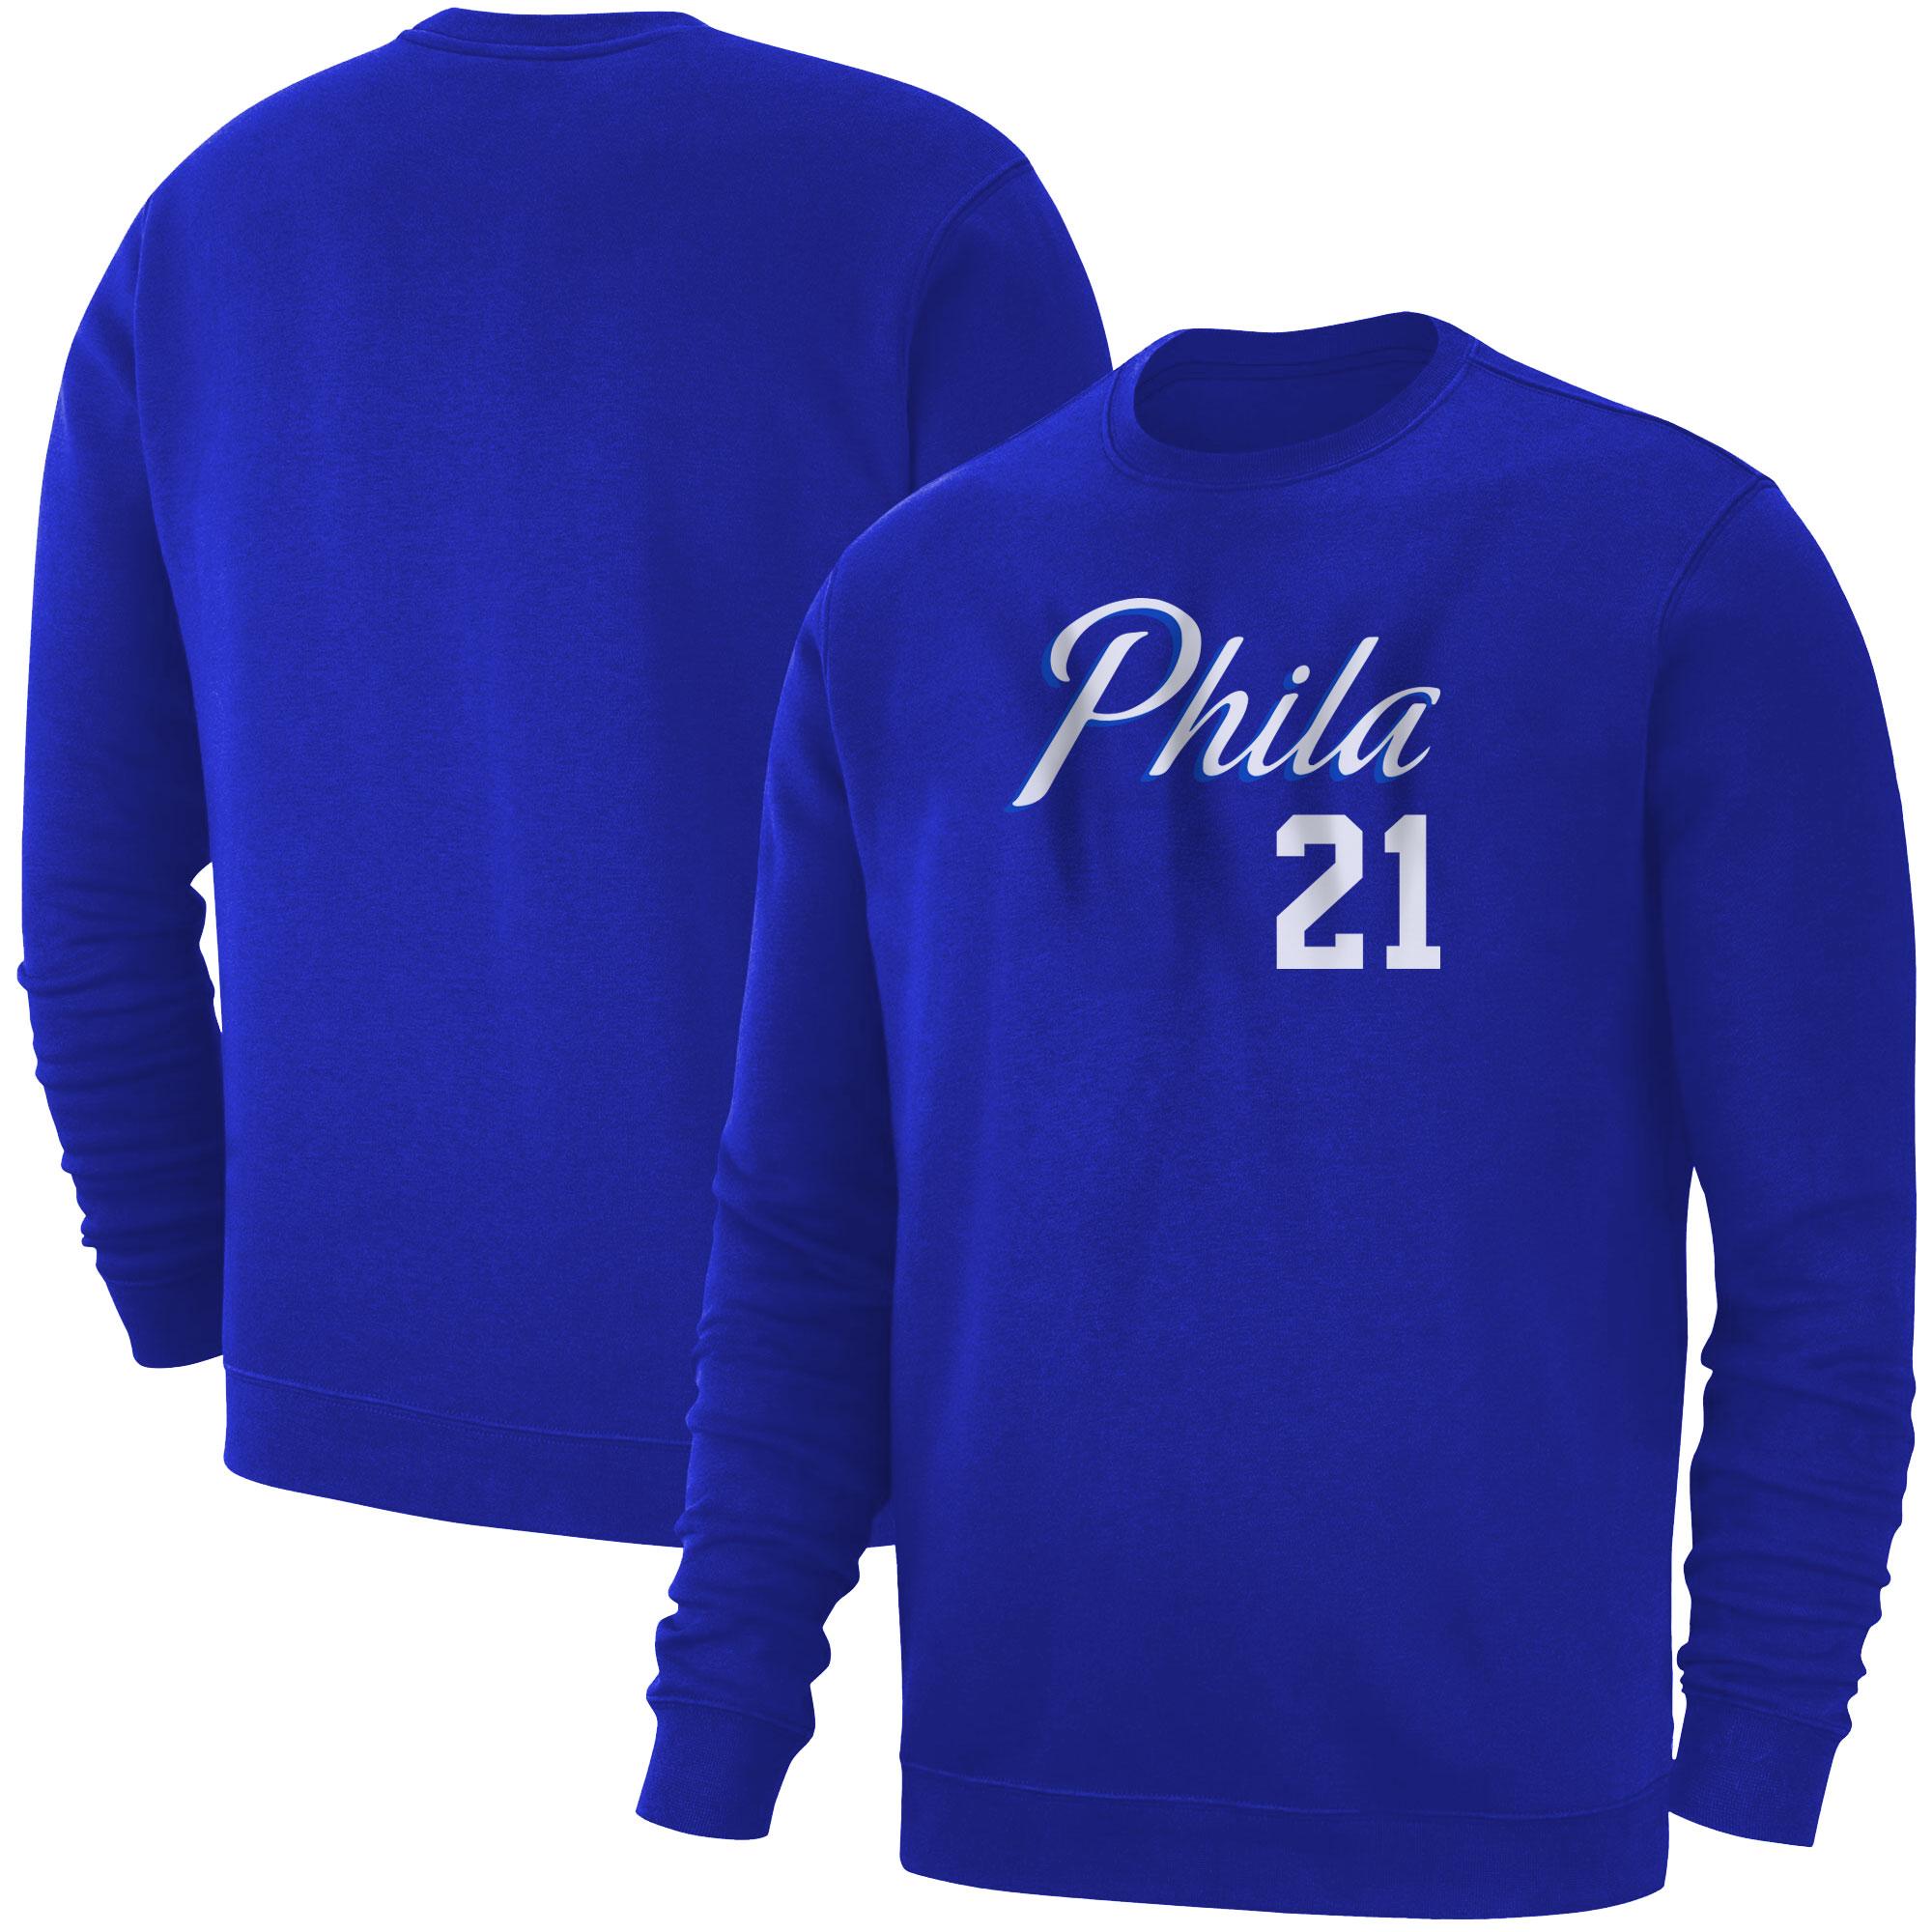 Philadelphia 76ers Joel Embiid Basic (BSC-BLU-PLT-504-21)